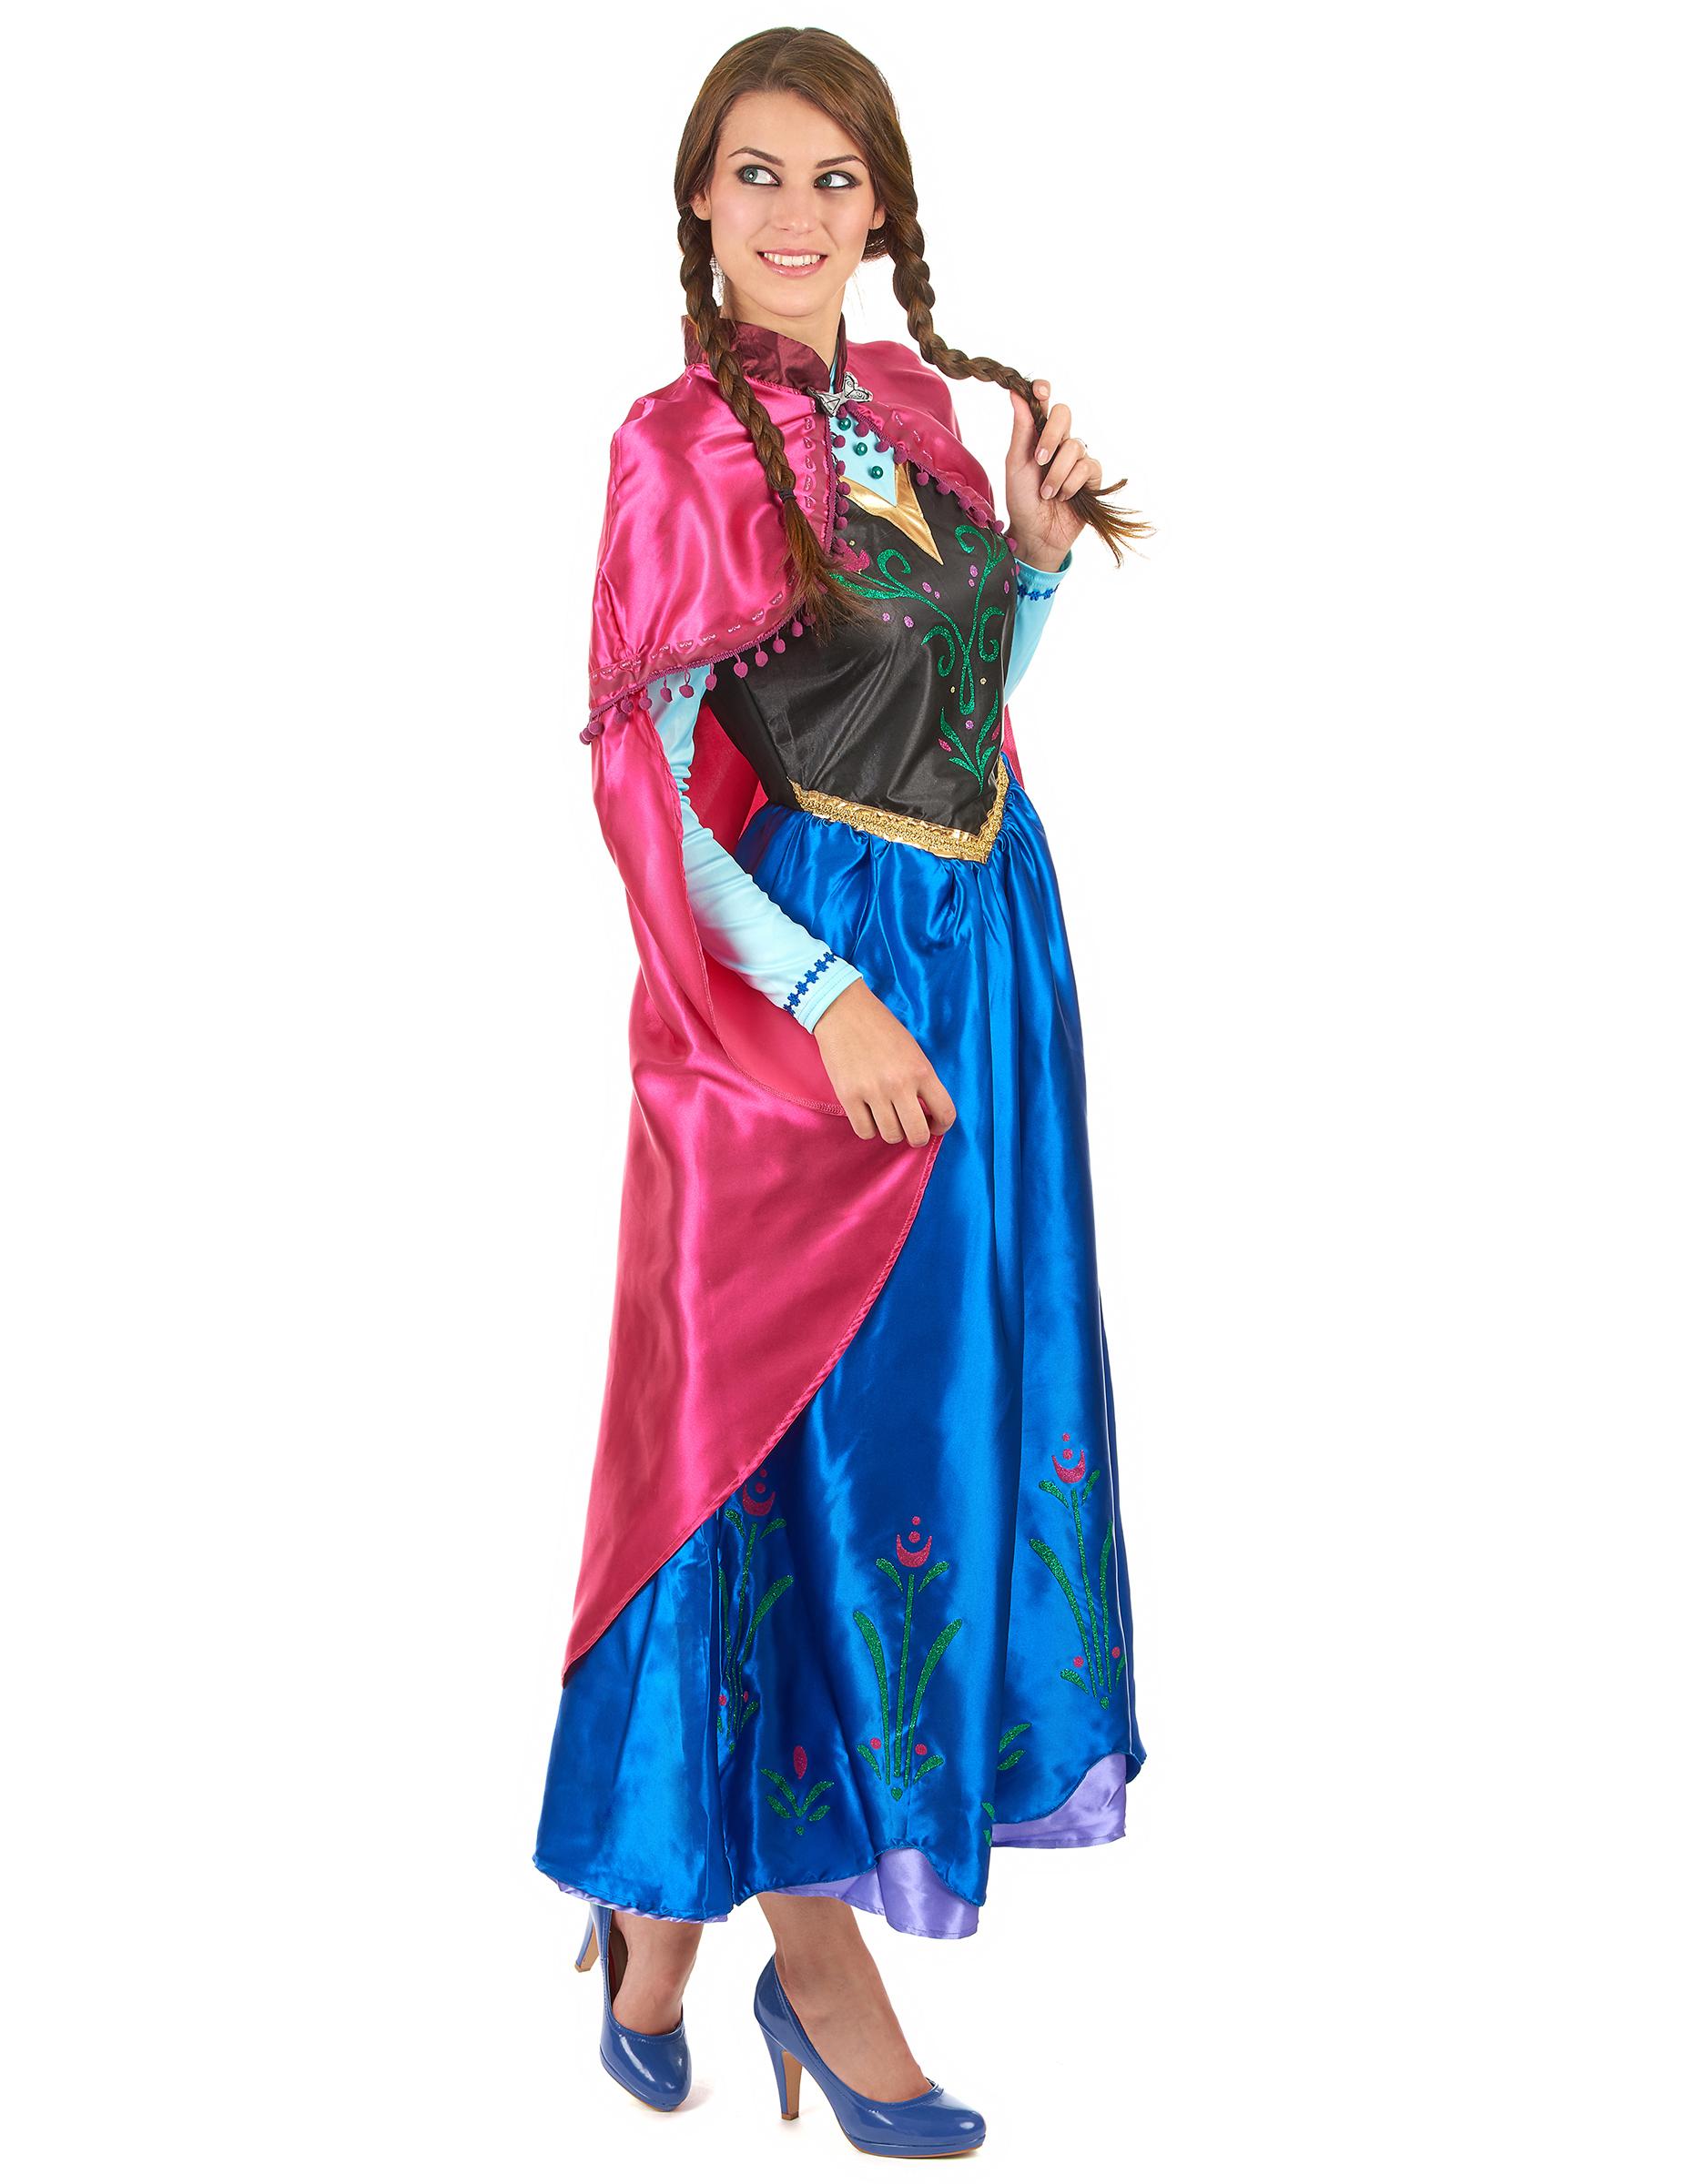 Frozen klänning vuxen 722de2328a092